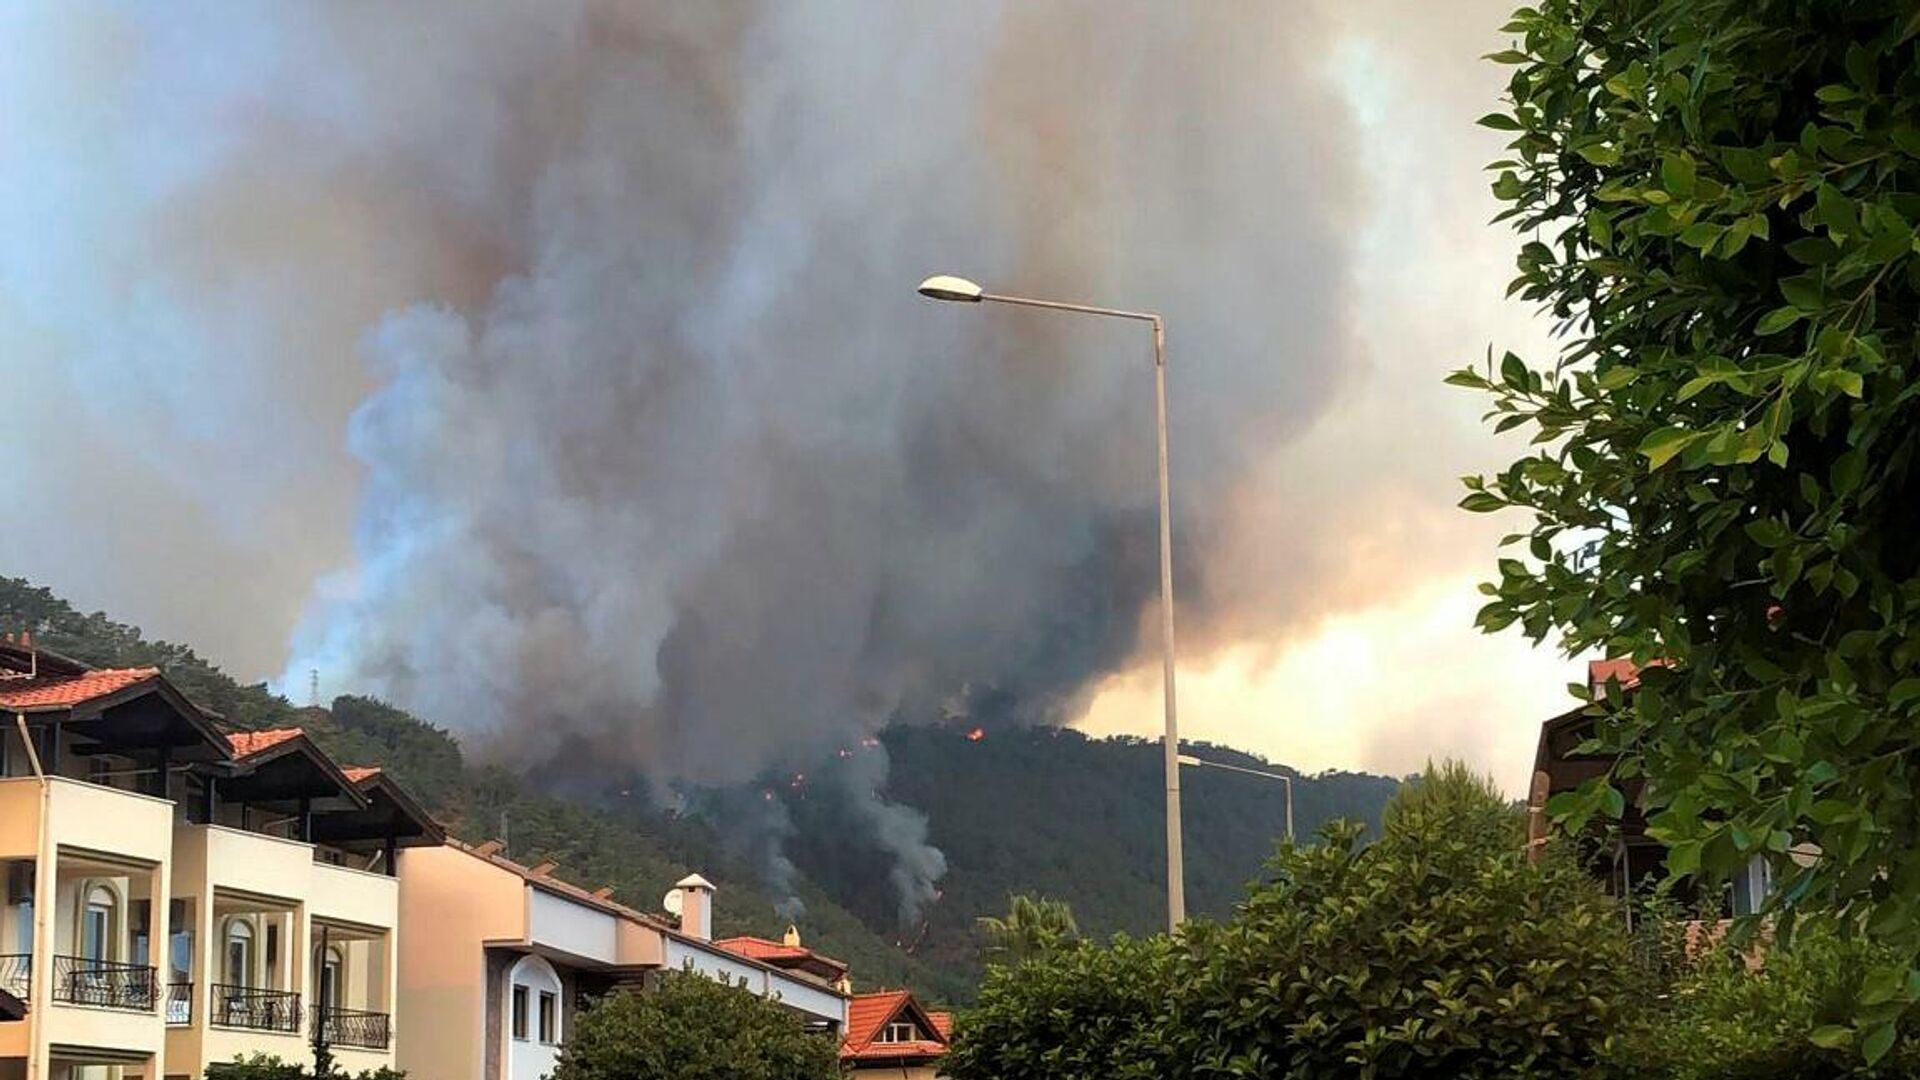 Požar u blizini hotela u Marmarisu u Turskoj. - Sputnik Srbija, 1920, 03.08.2021